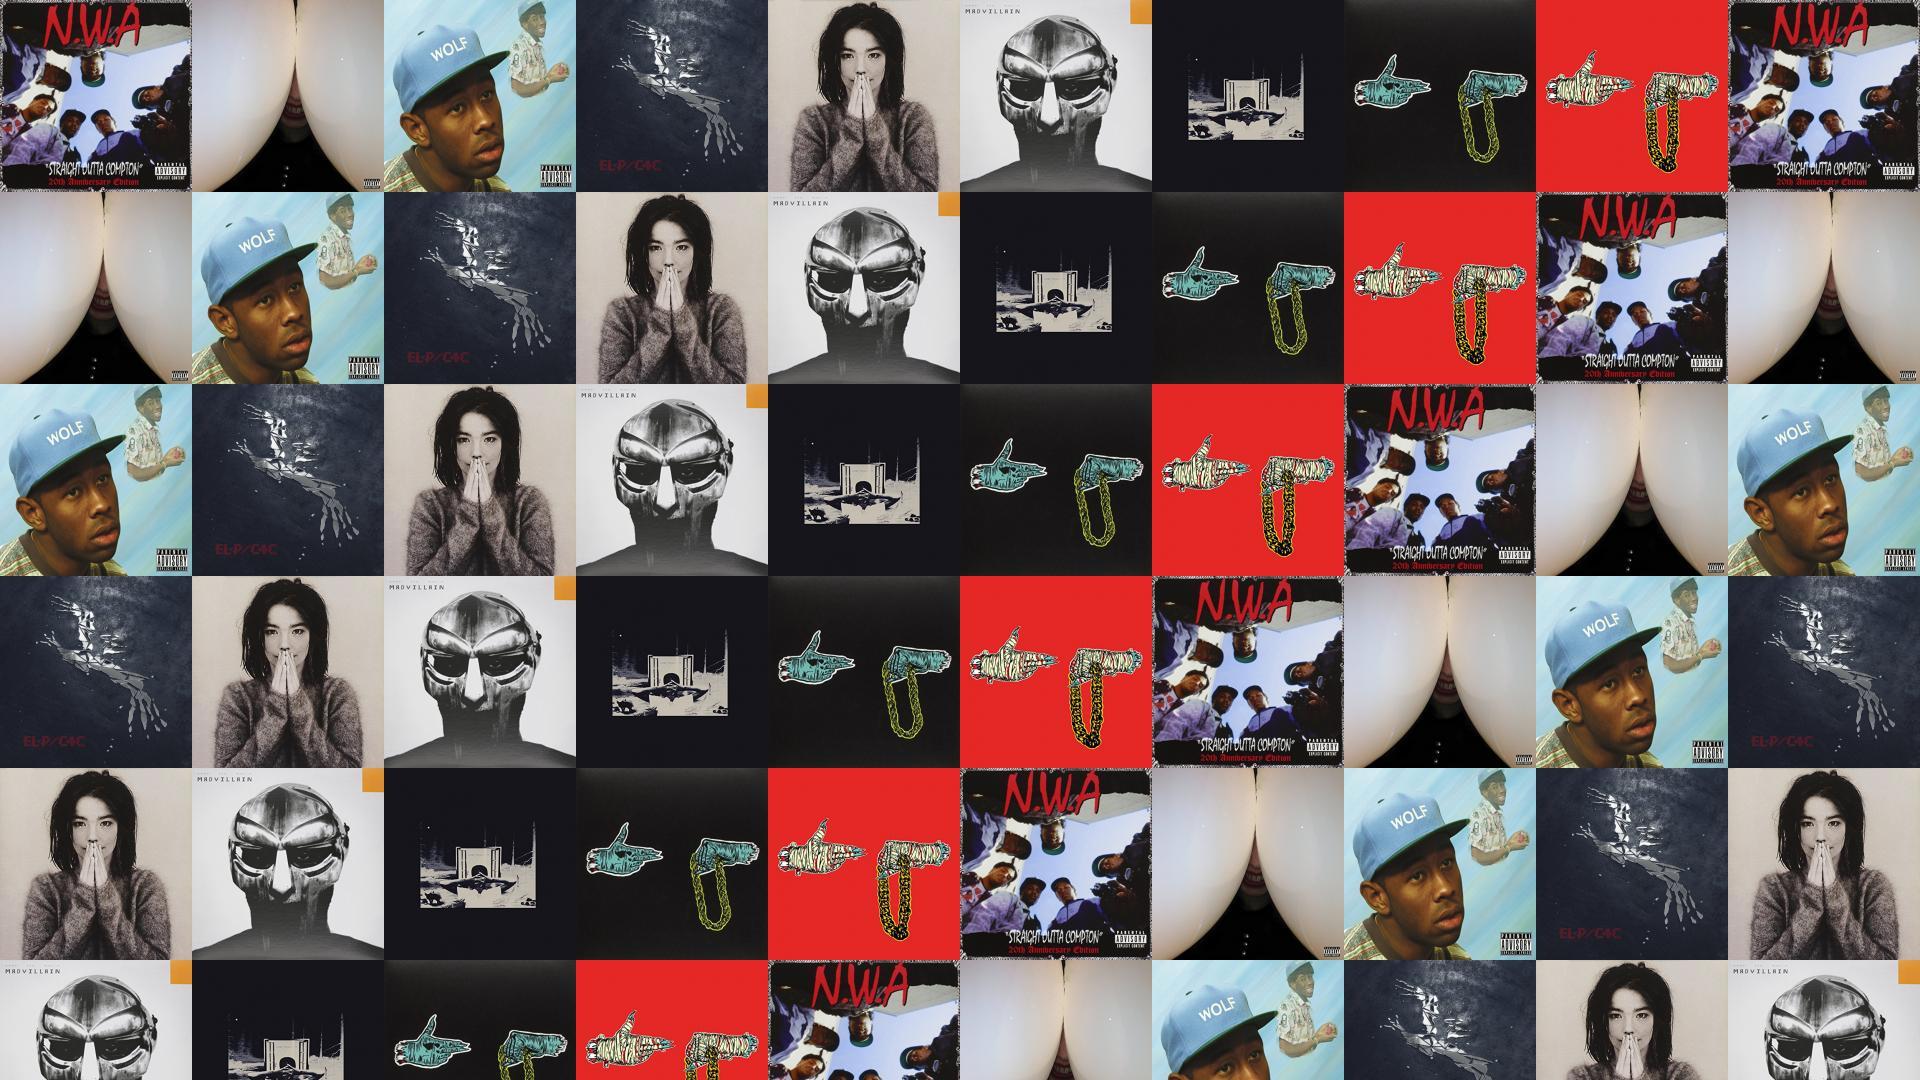 el-p « Tiled Desktop Wallpaper